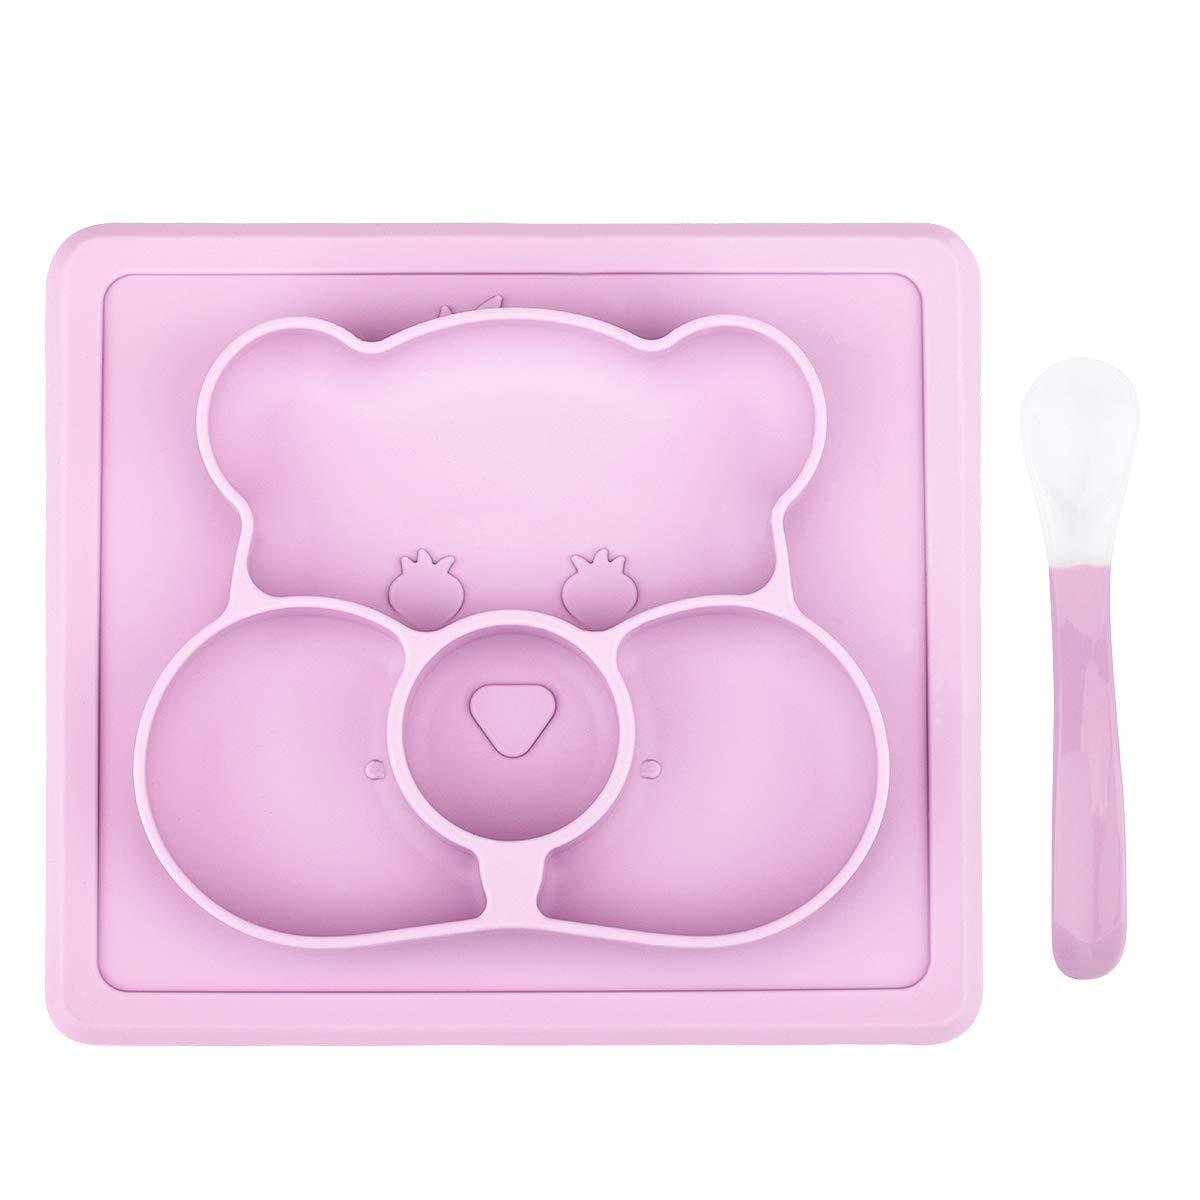 ZABO Silikon Baby Tischset Rutschfester f/ür Baby und Kinder Baby Teller kinderteller passend f/ür die meisten Hochstuhl-Tabletts